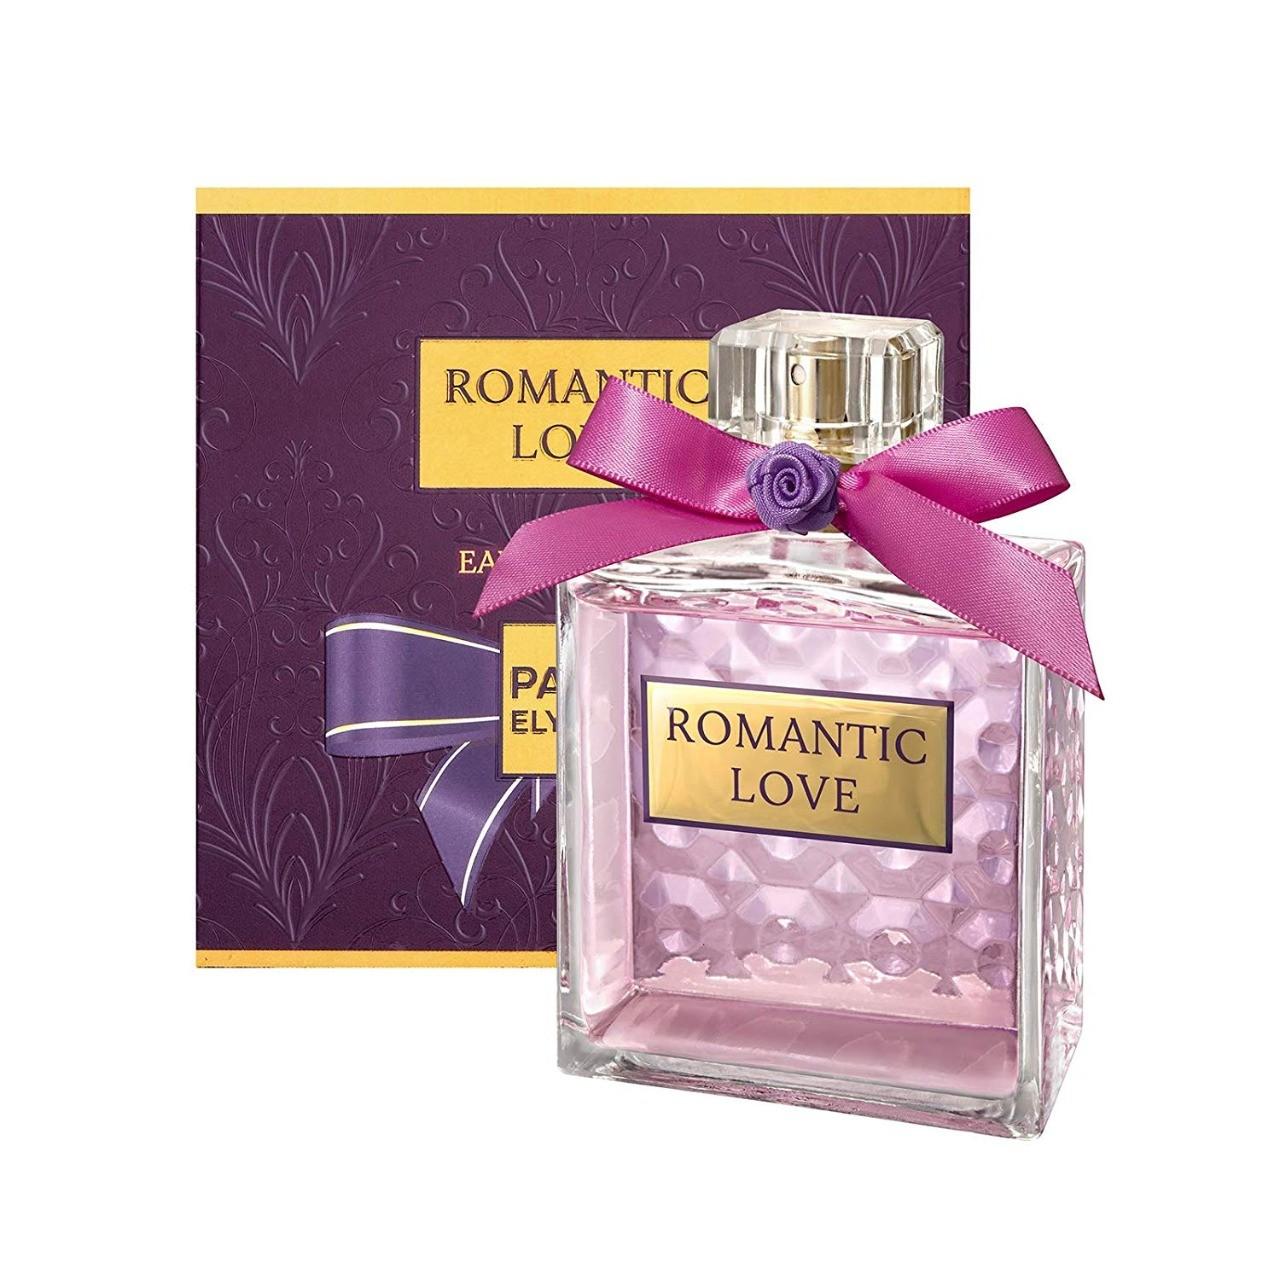 Romantic Love Paris Elysees Feminino Eau de Parfum 100ml